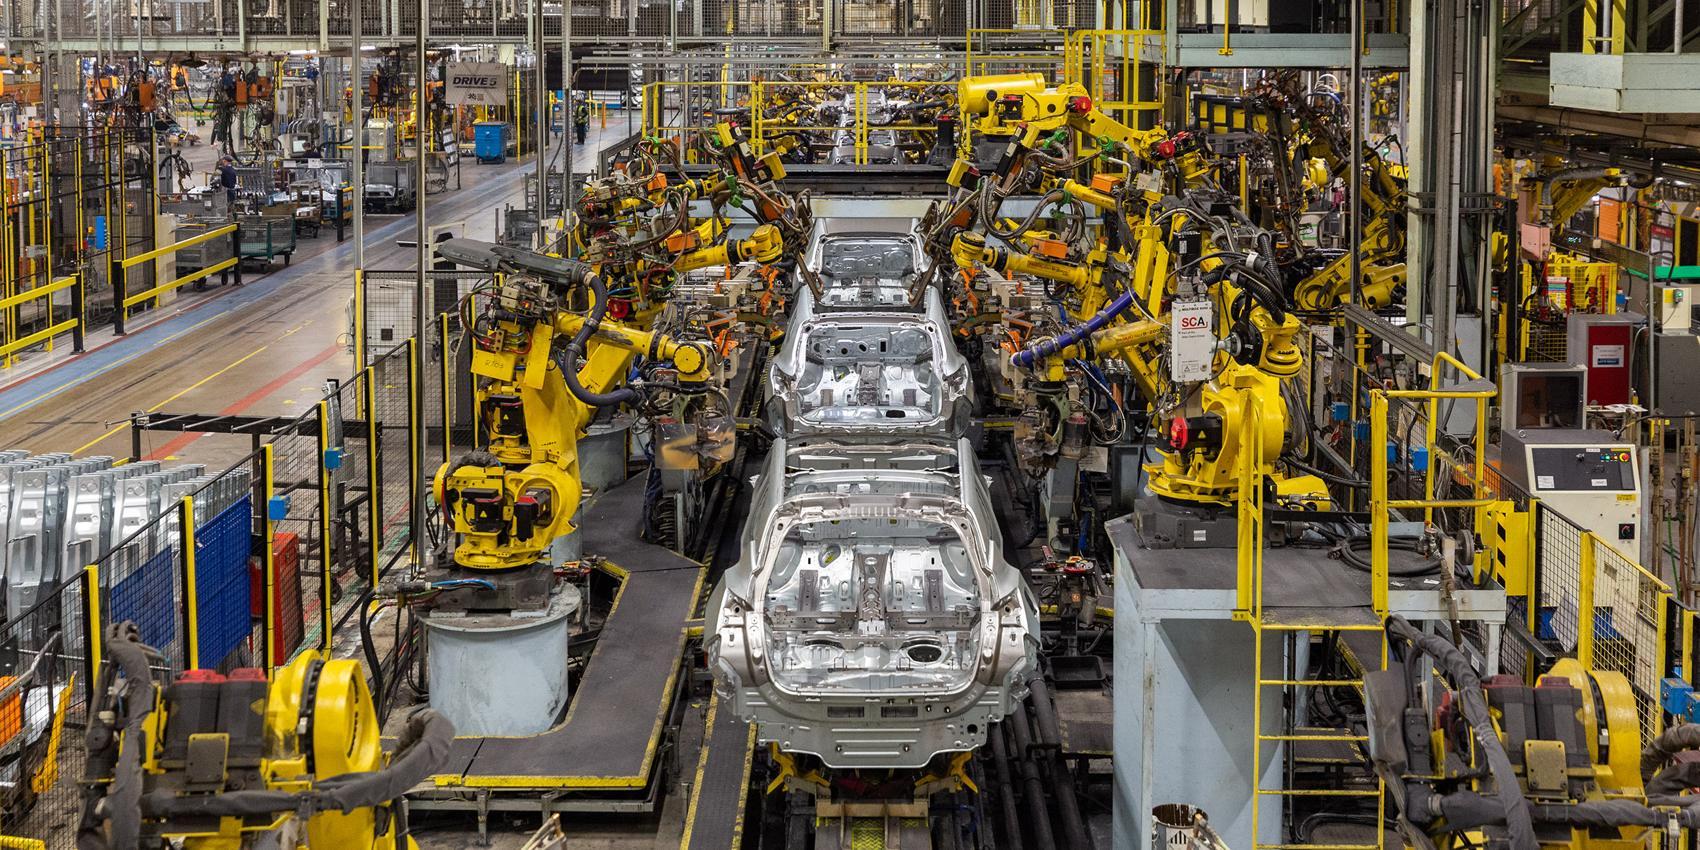 Nissan's car factory assistants